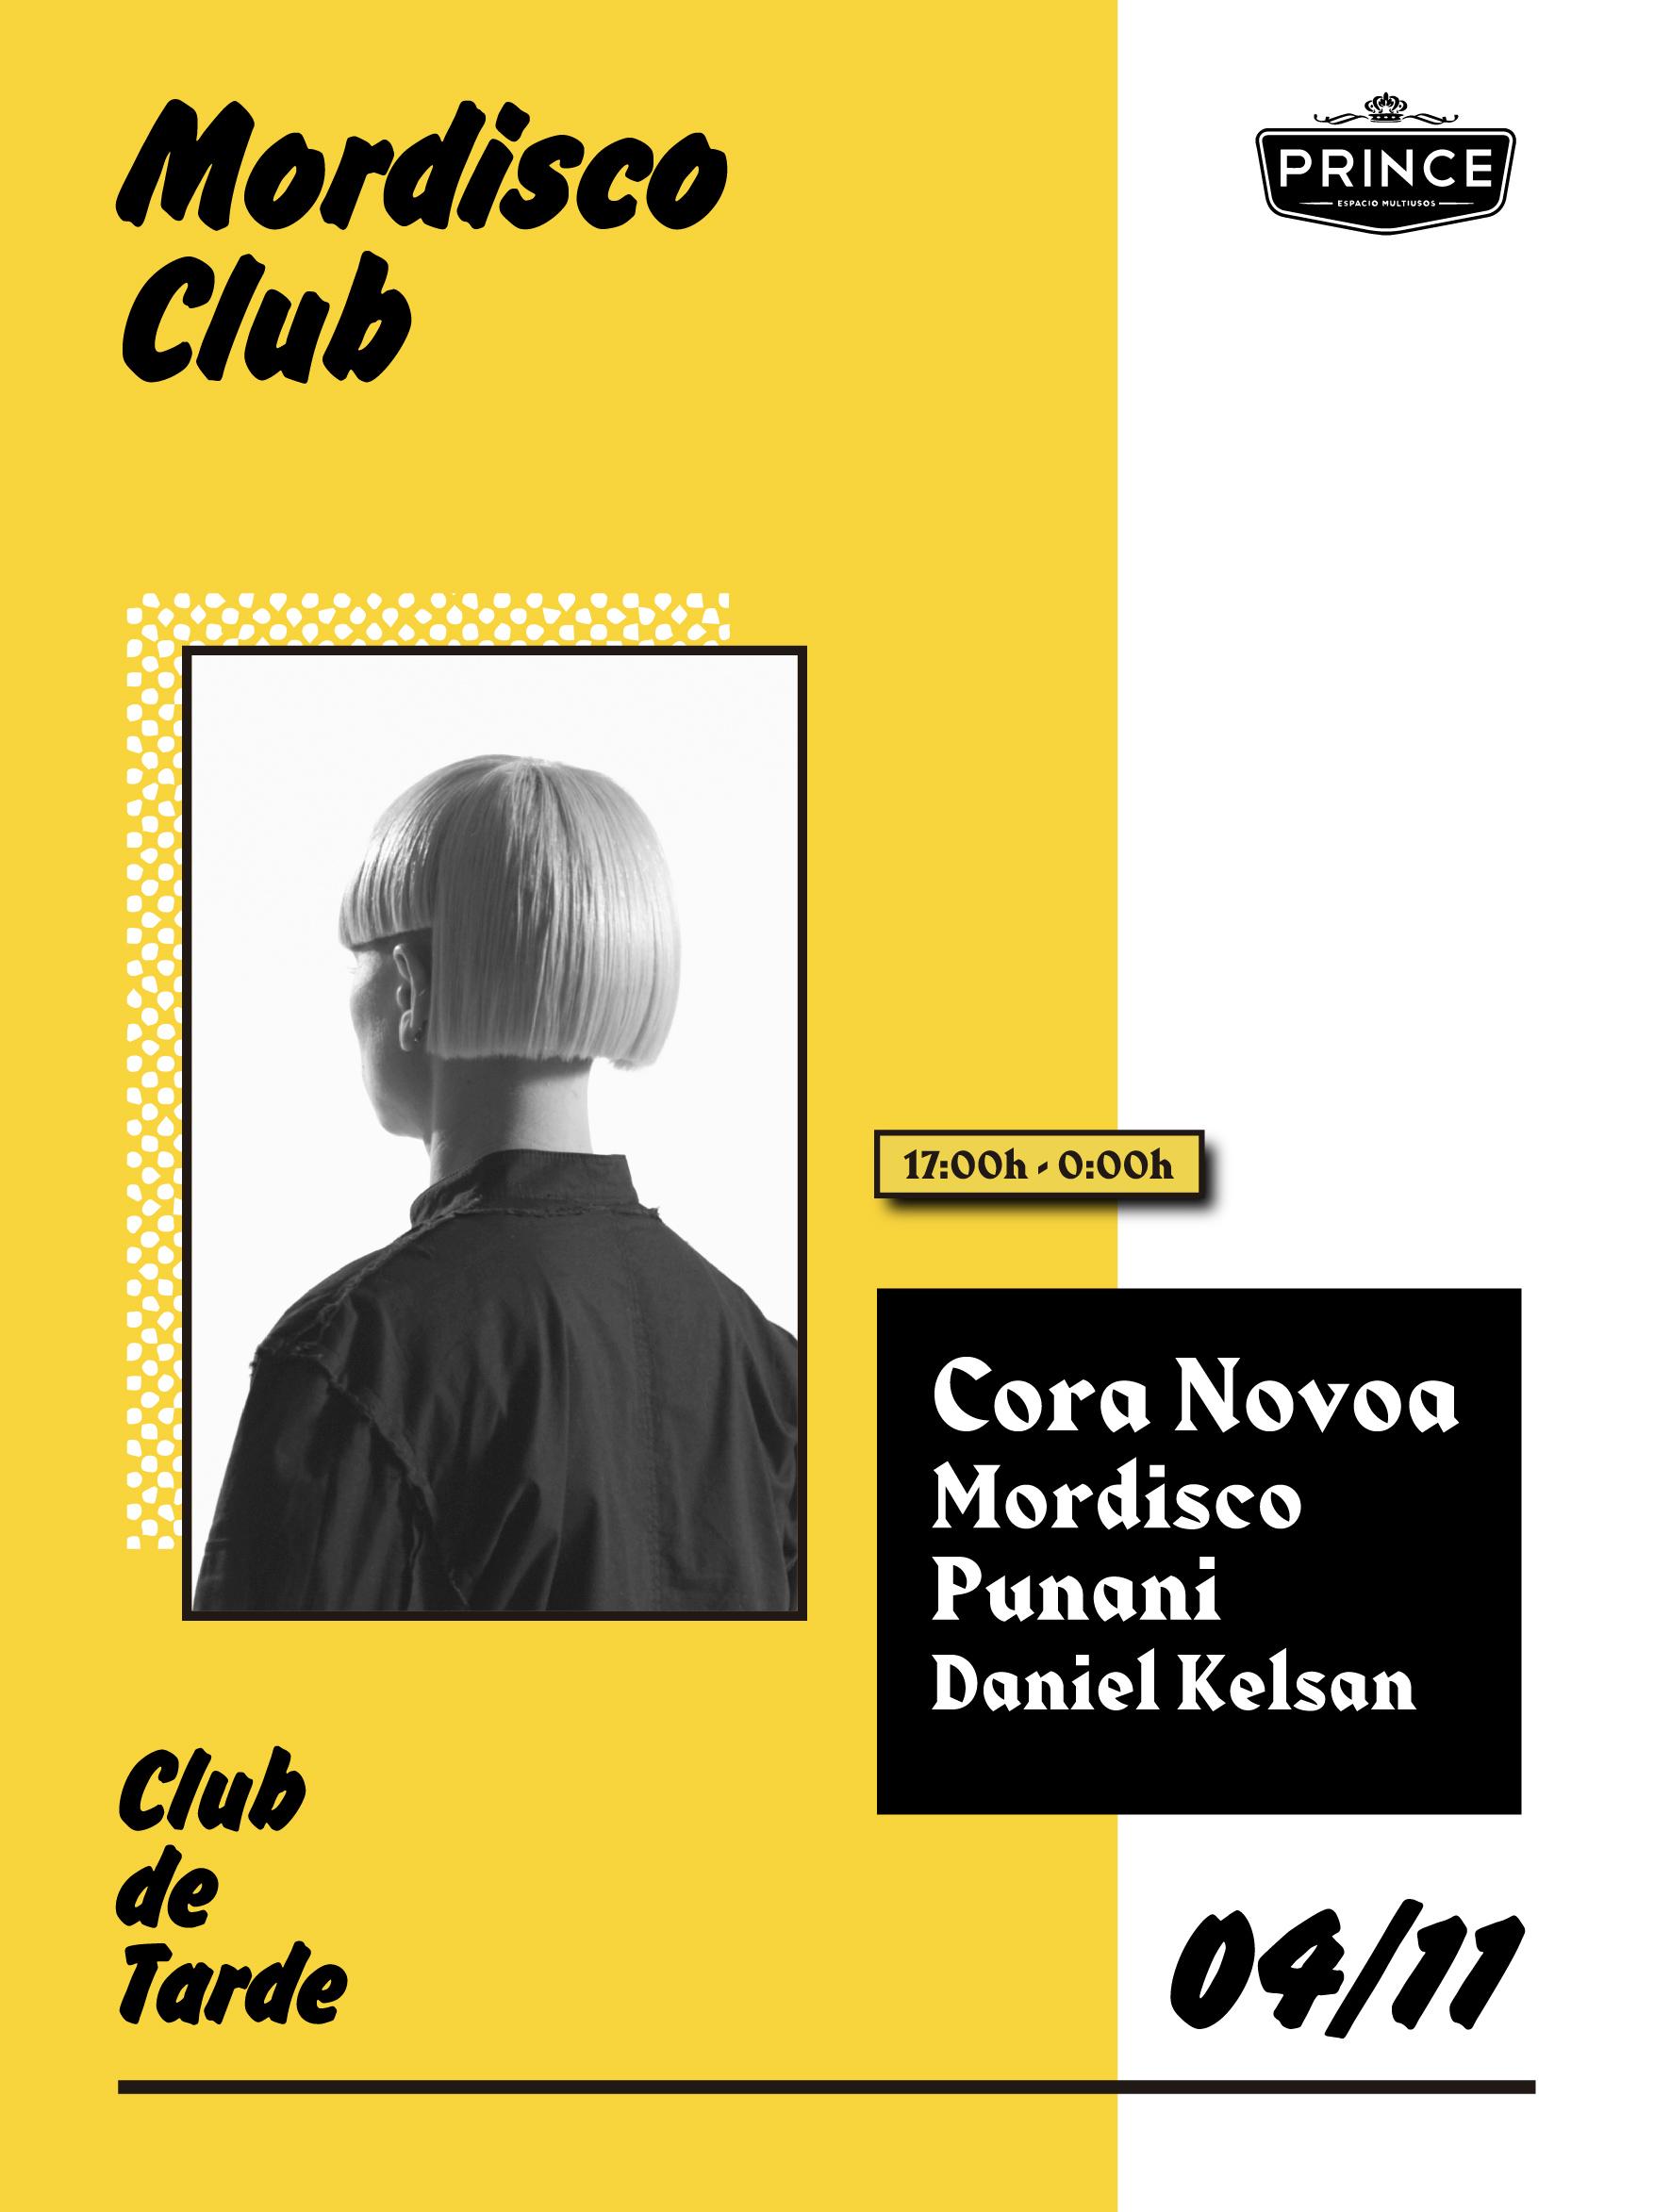 Cora Novoa en la inauguración de la nueva temporada de Mordisco Club POSTER MORDISCO4NOV ONLINE 01